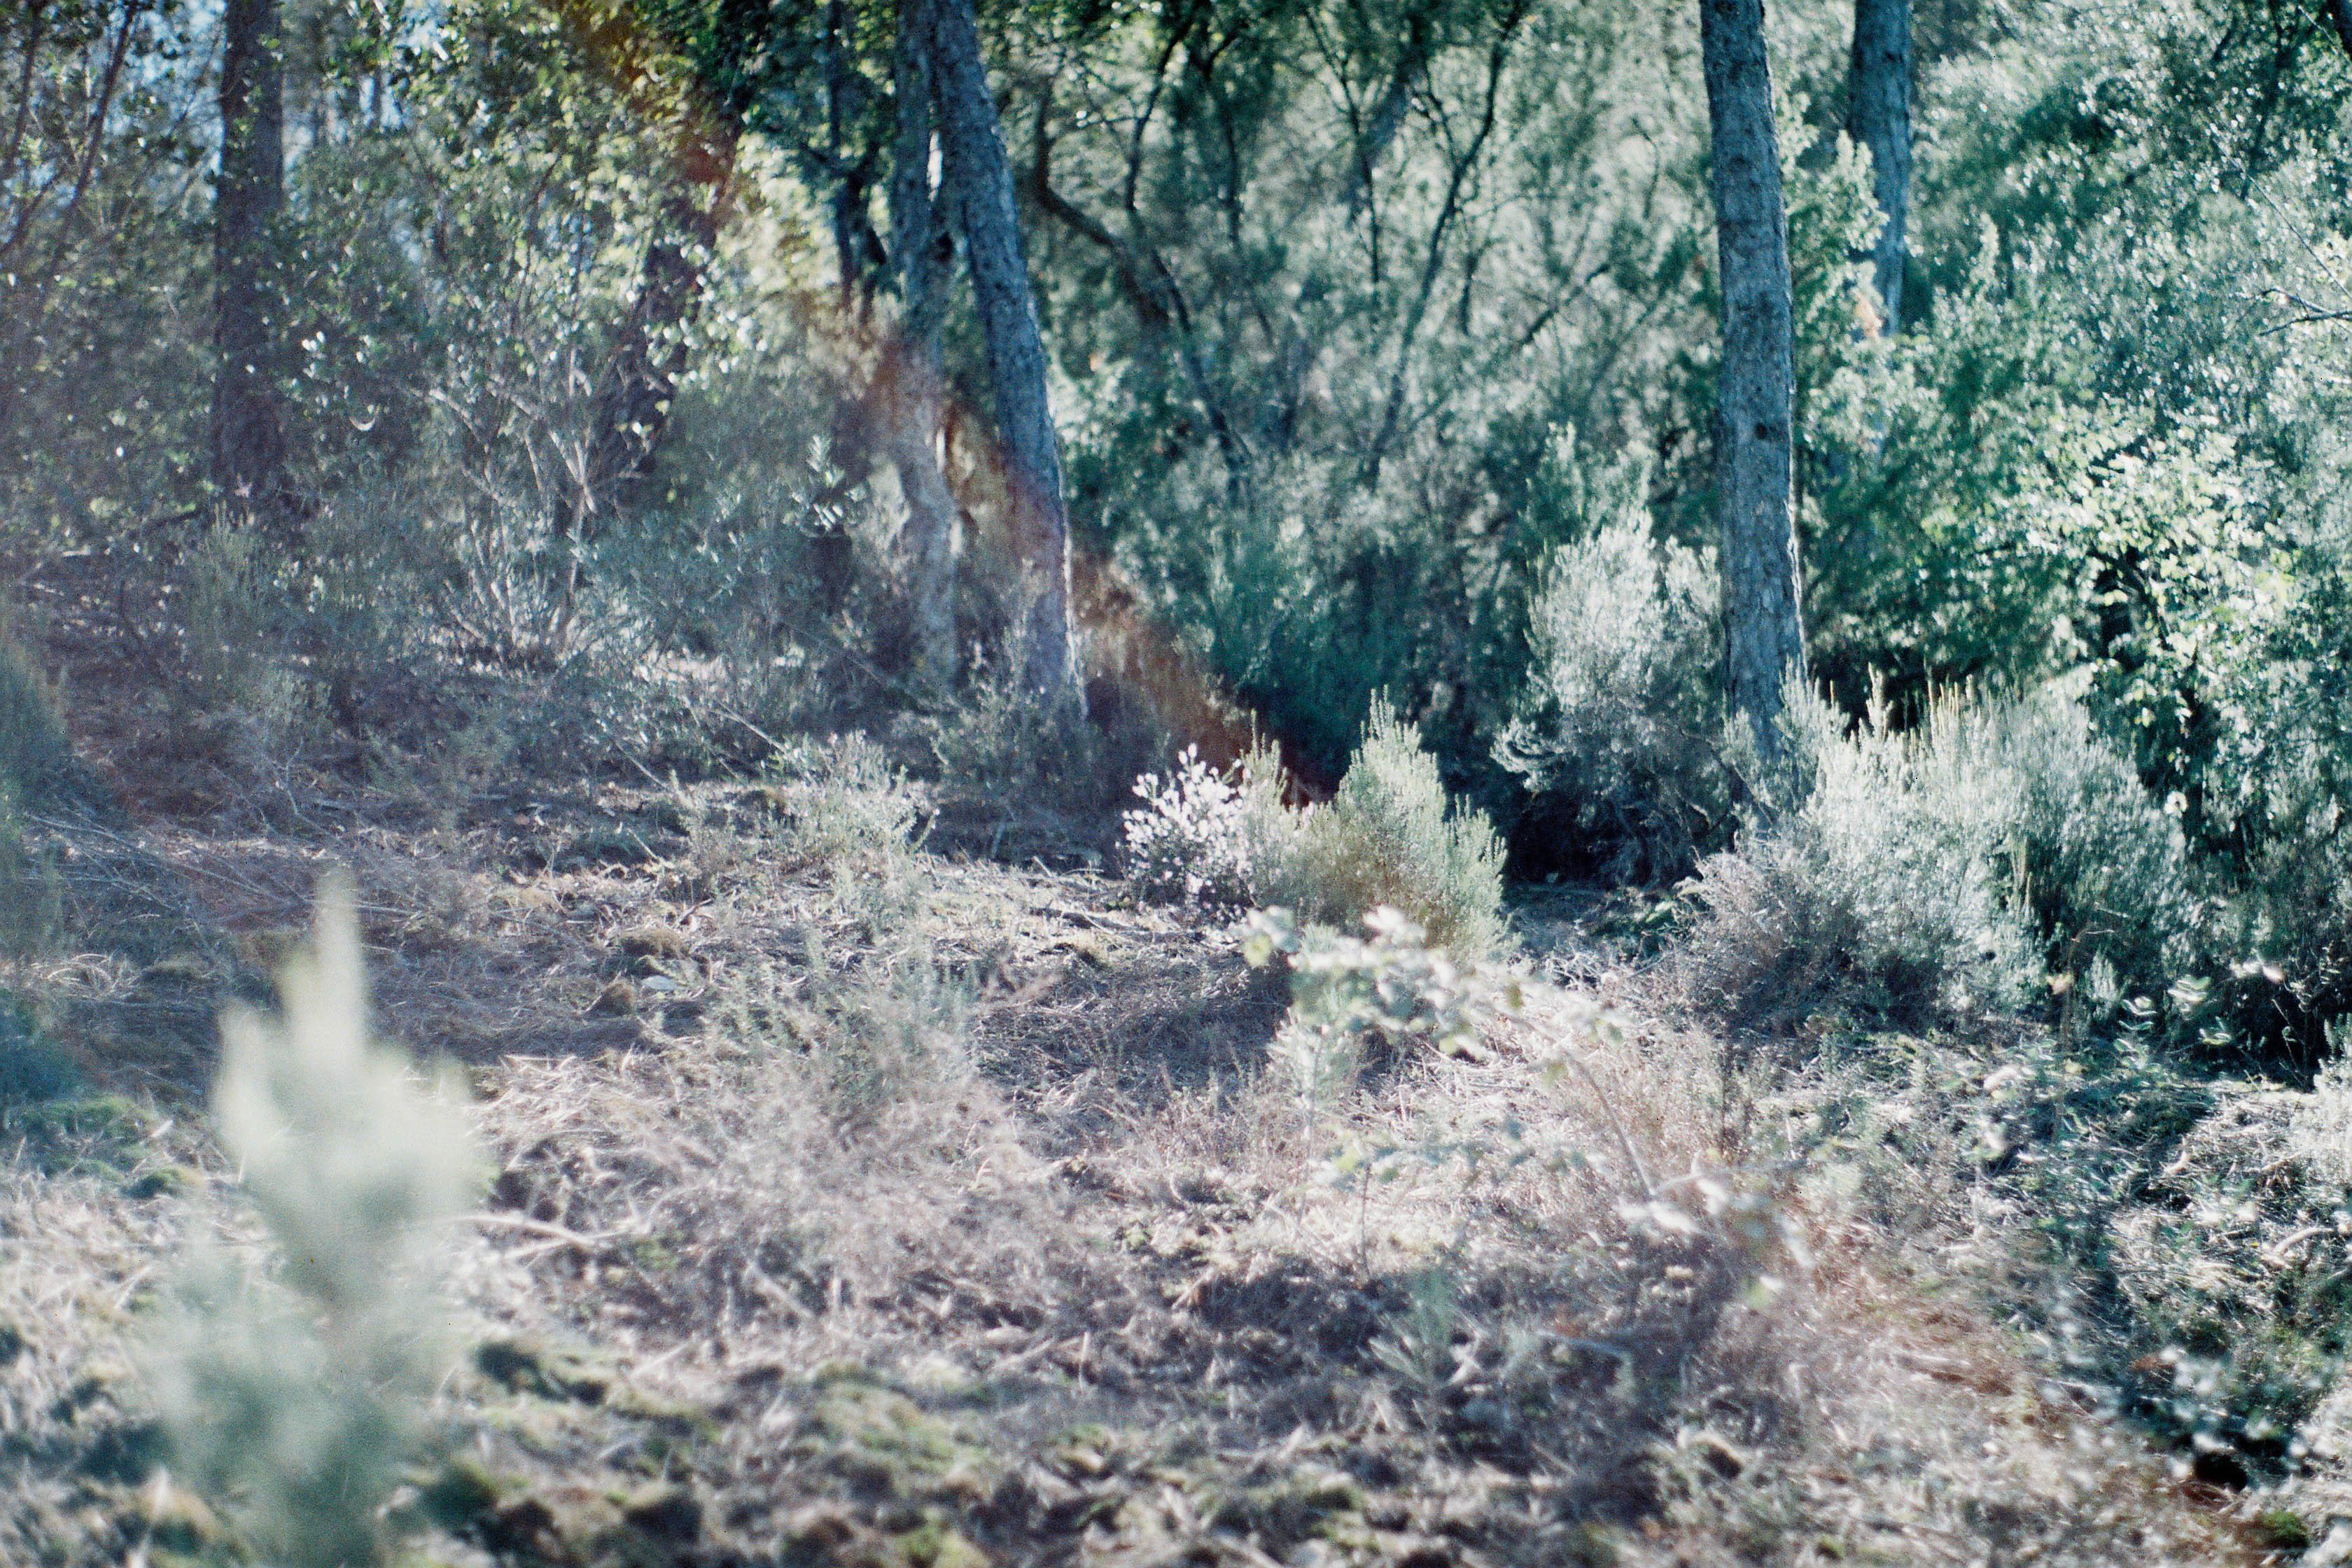 http://lafilladelfotografu.irenavisa.com/files/gimgs/67_f1030013.jpg